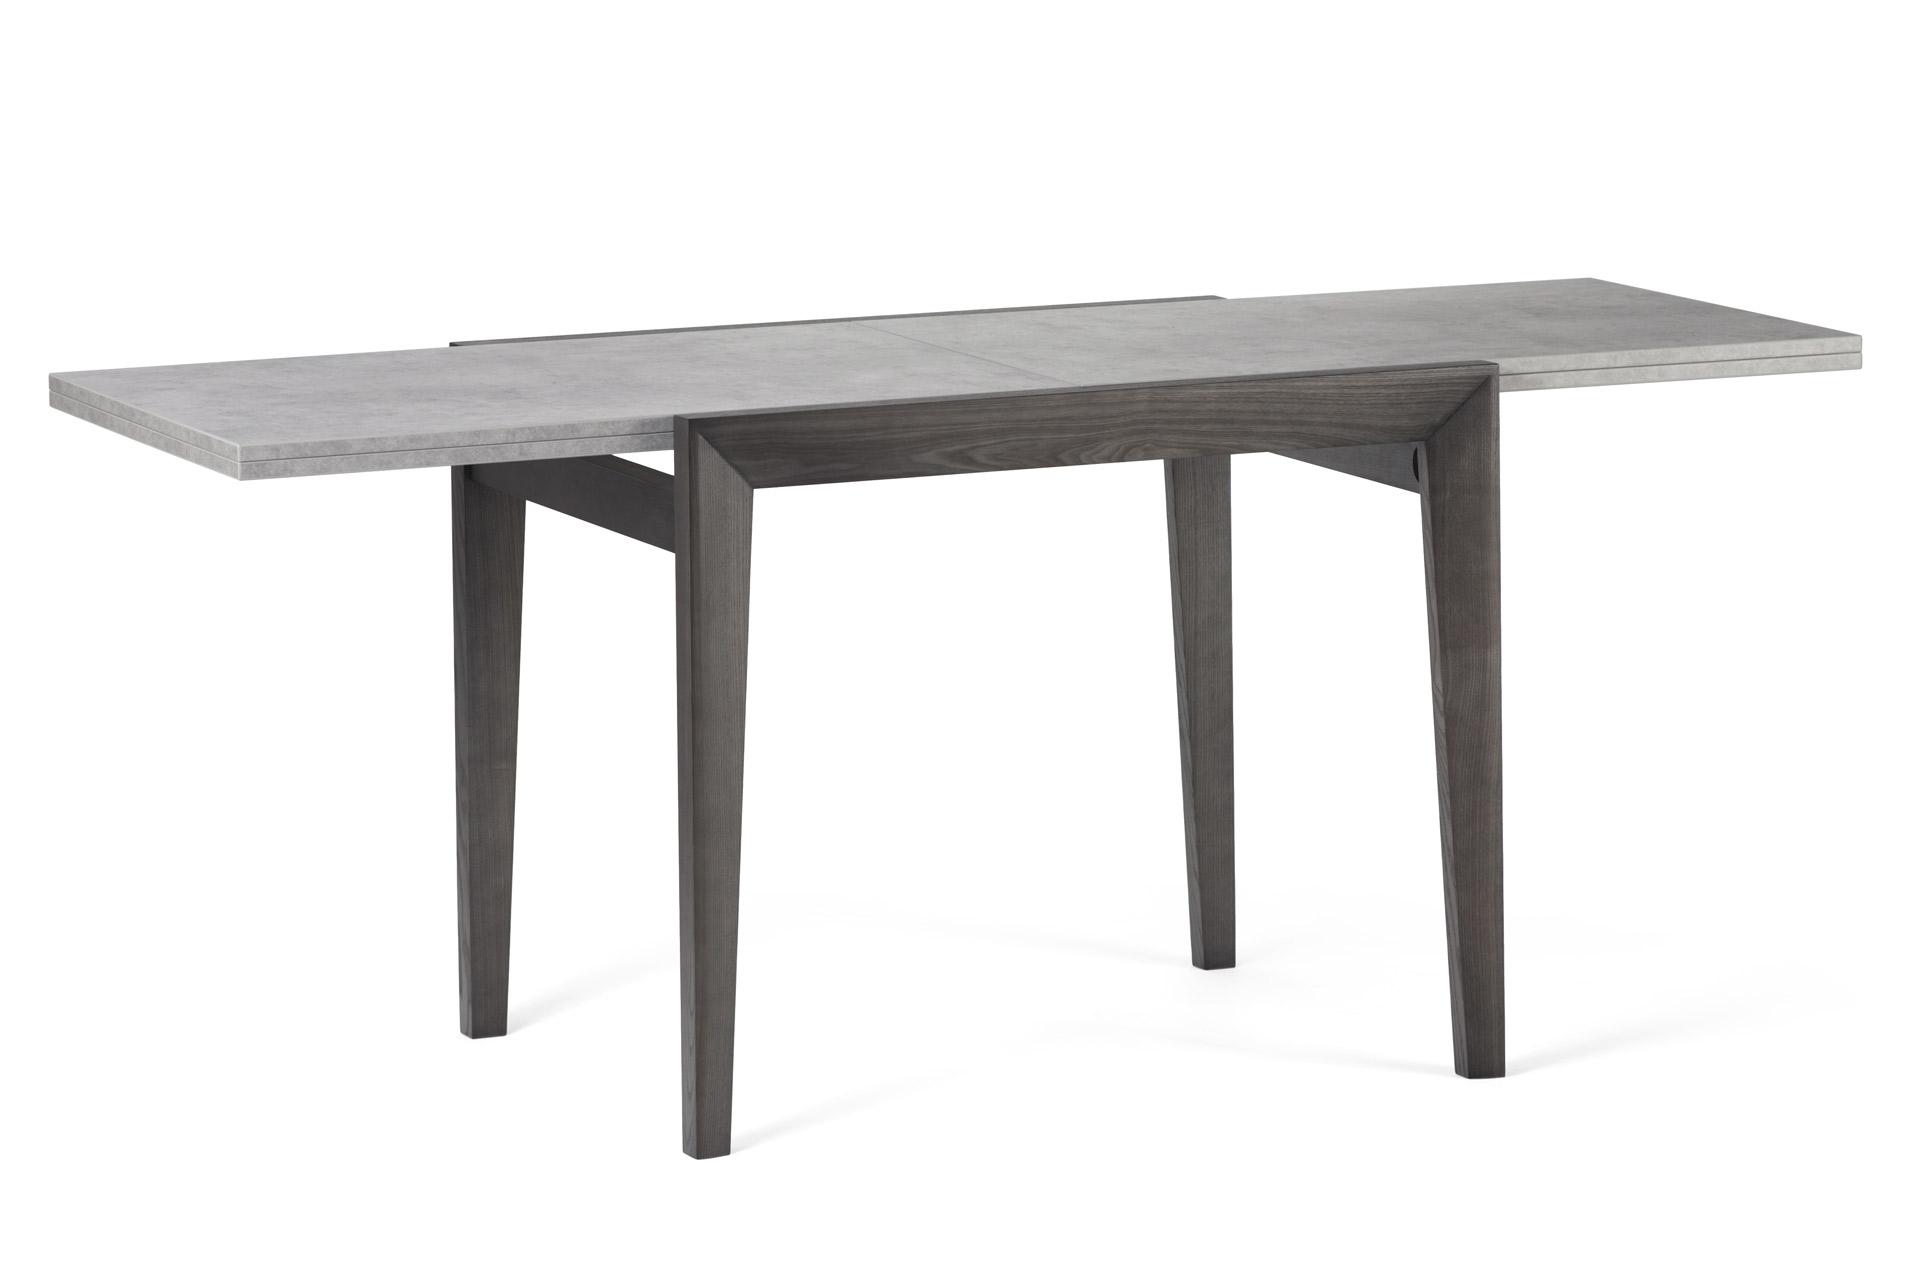 Деревянный кухонный стол Фаворит, с черными ножками и серой шпонированой столешницей, разложенный